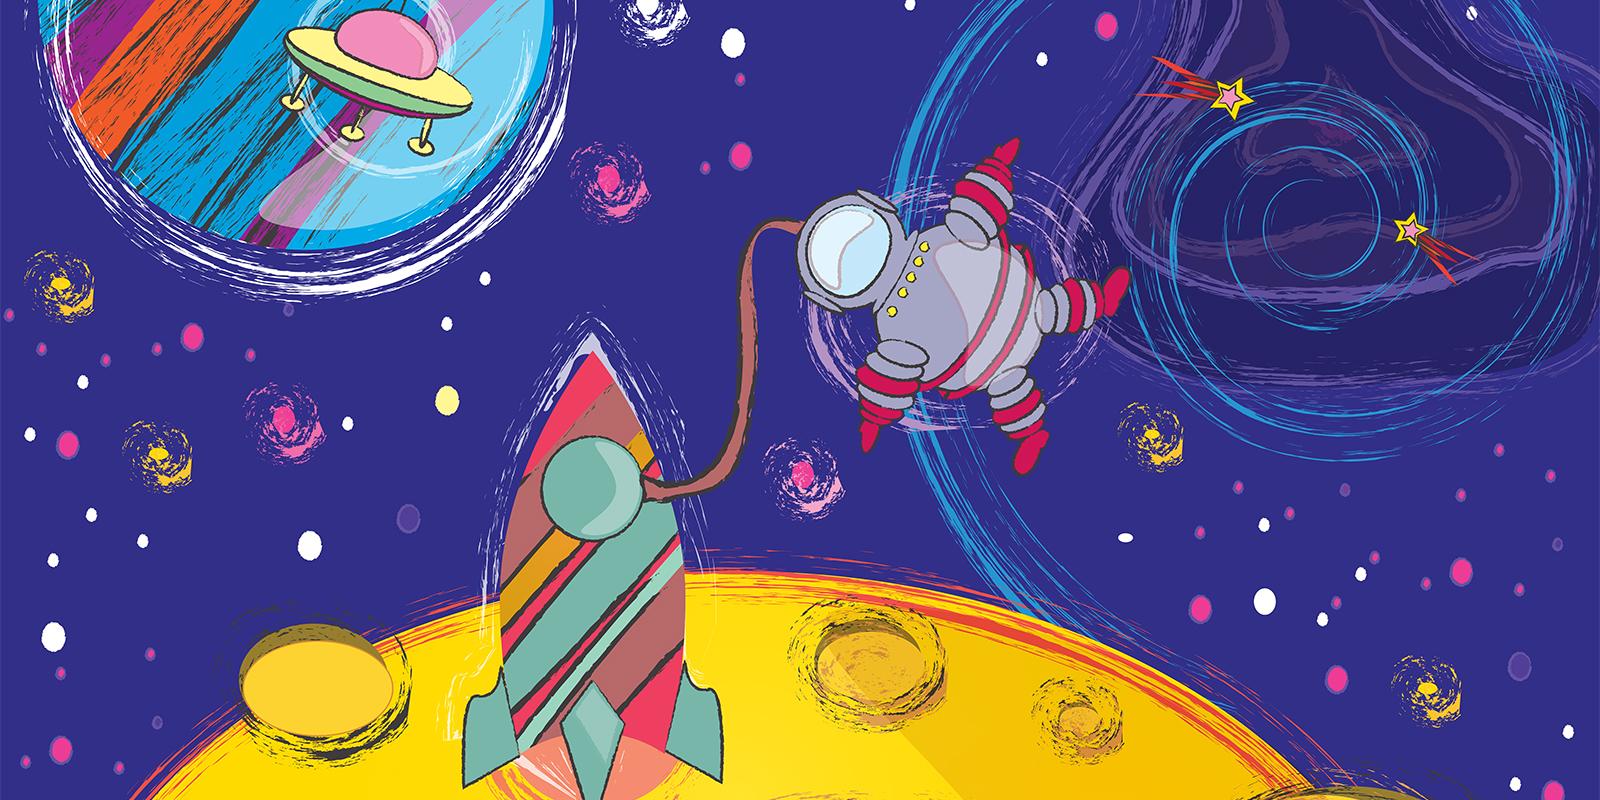 Звёздное небо и космос в картинках - Страница 10 Sp_1617643790